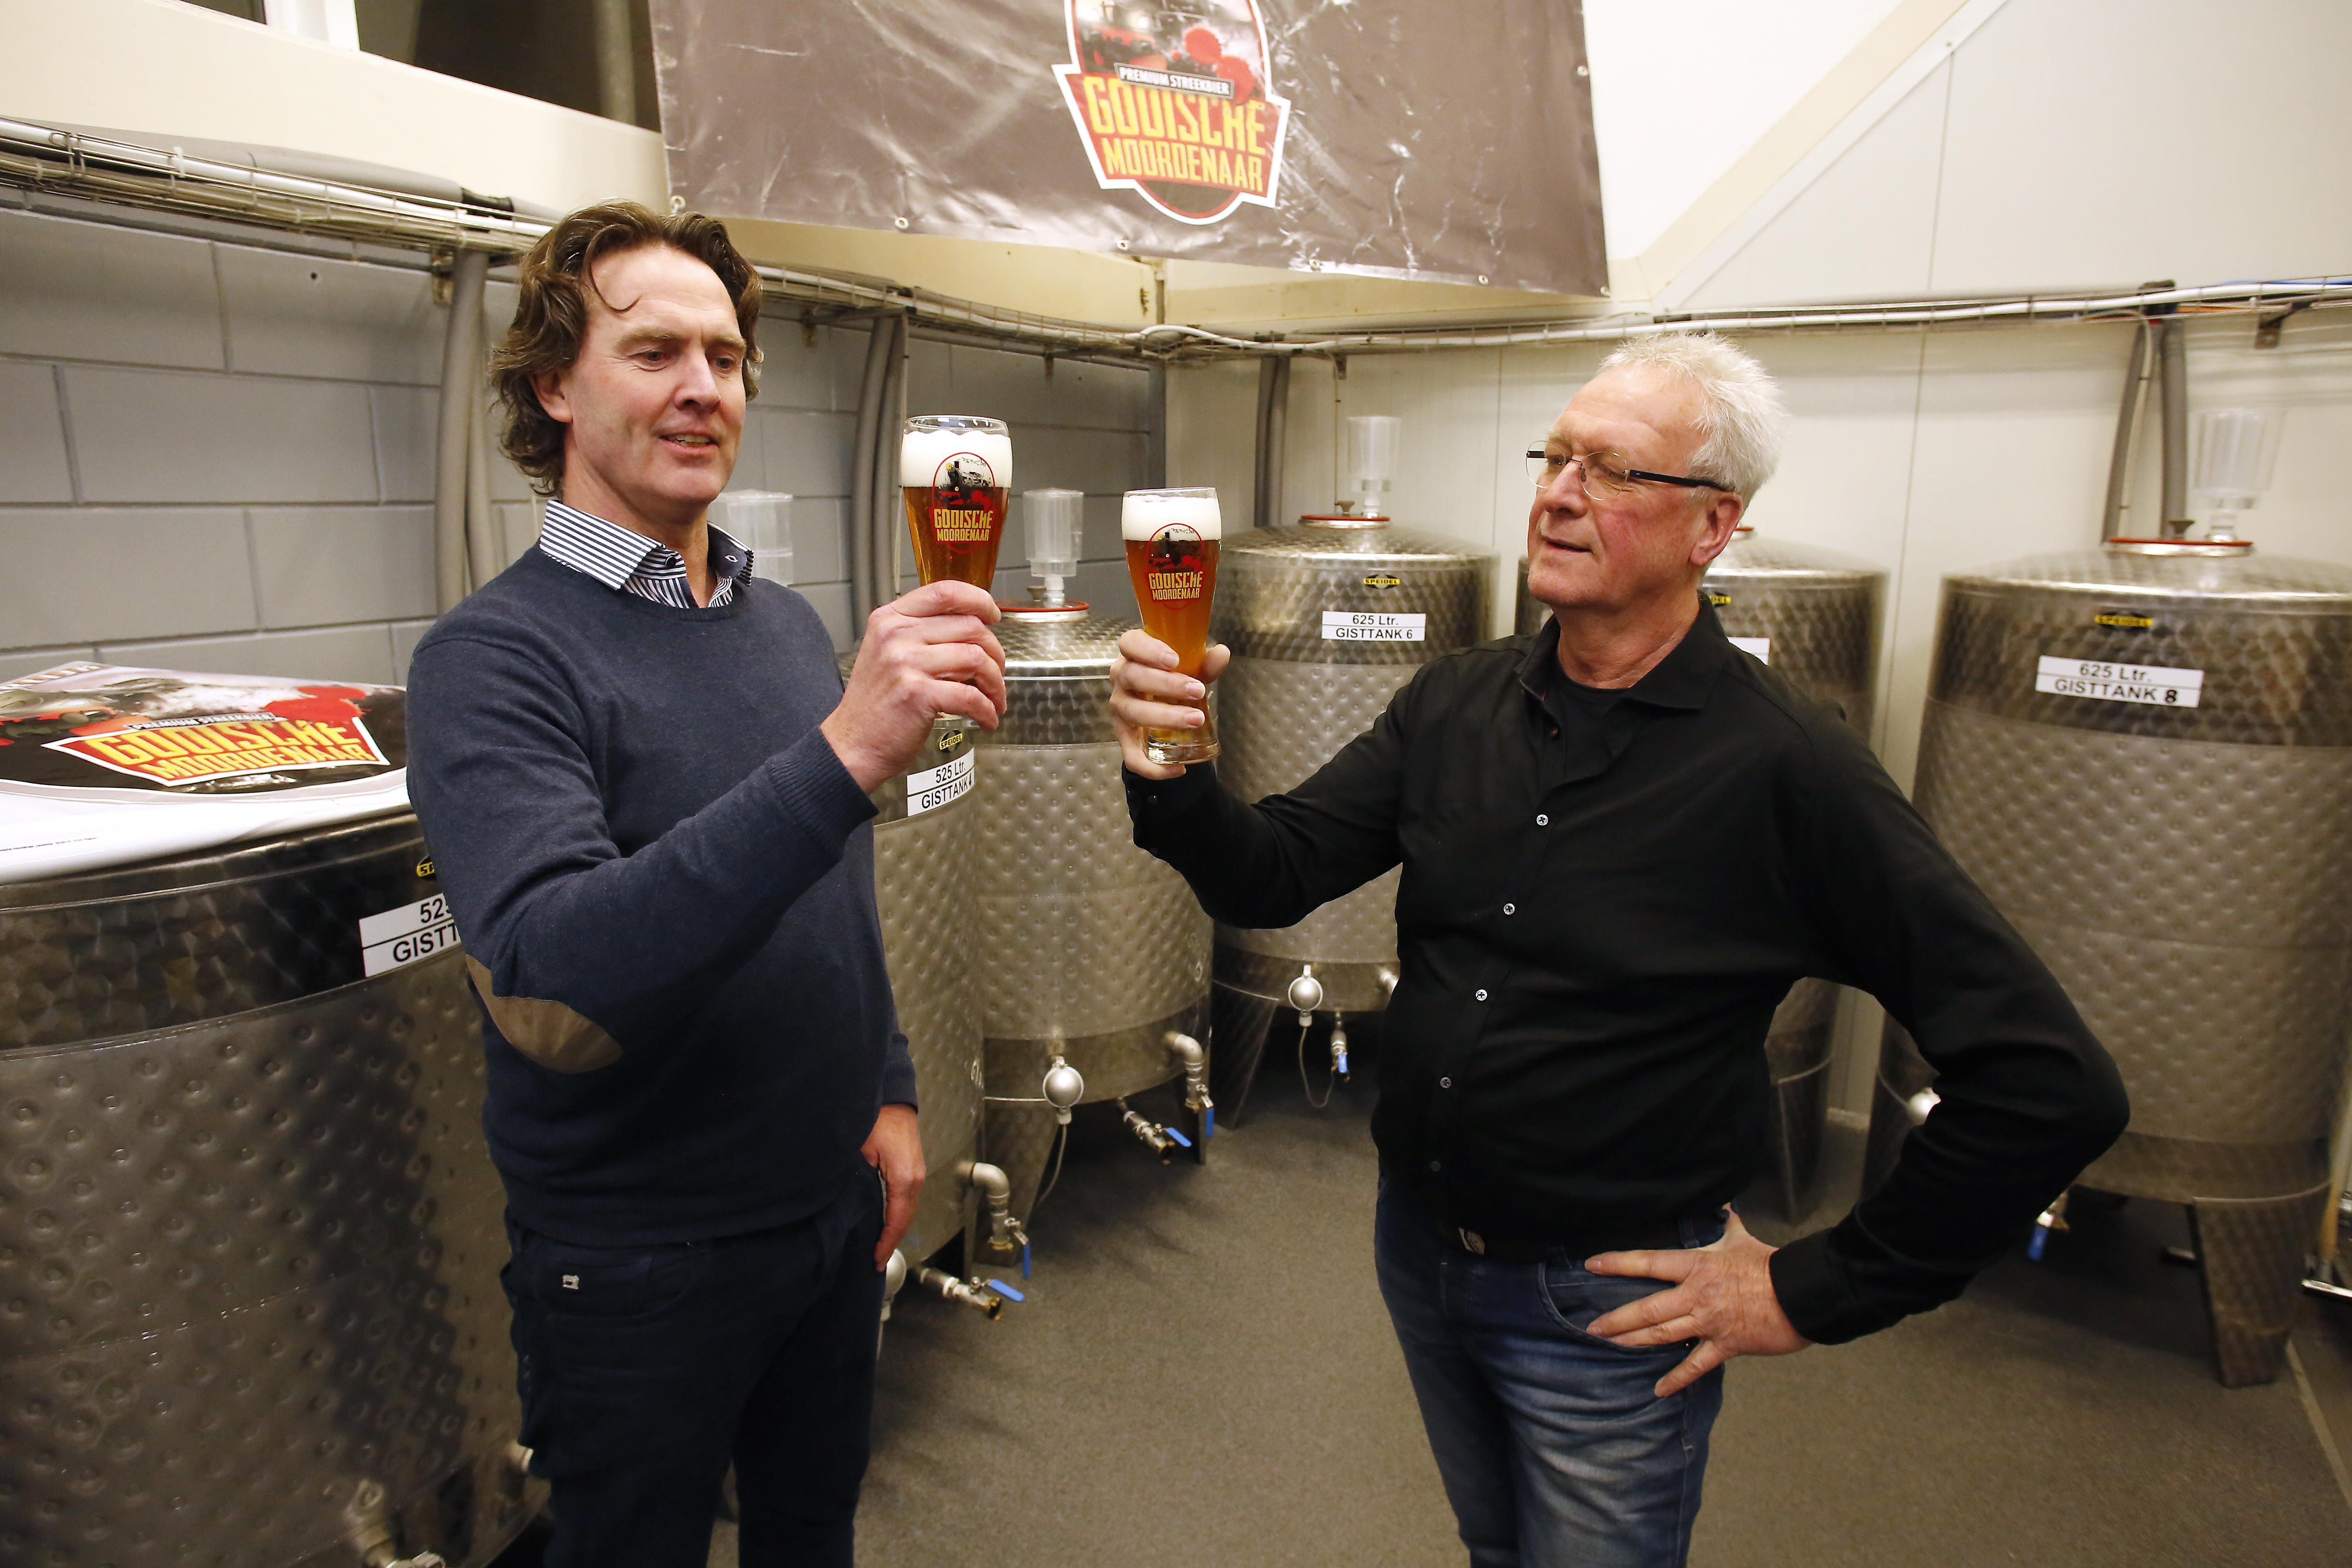 Ambachtelijk bier De Gooische Moordenaar herinnert aan de geschiedenis van een beruchte tramlijn